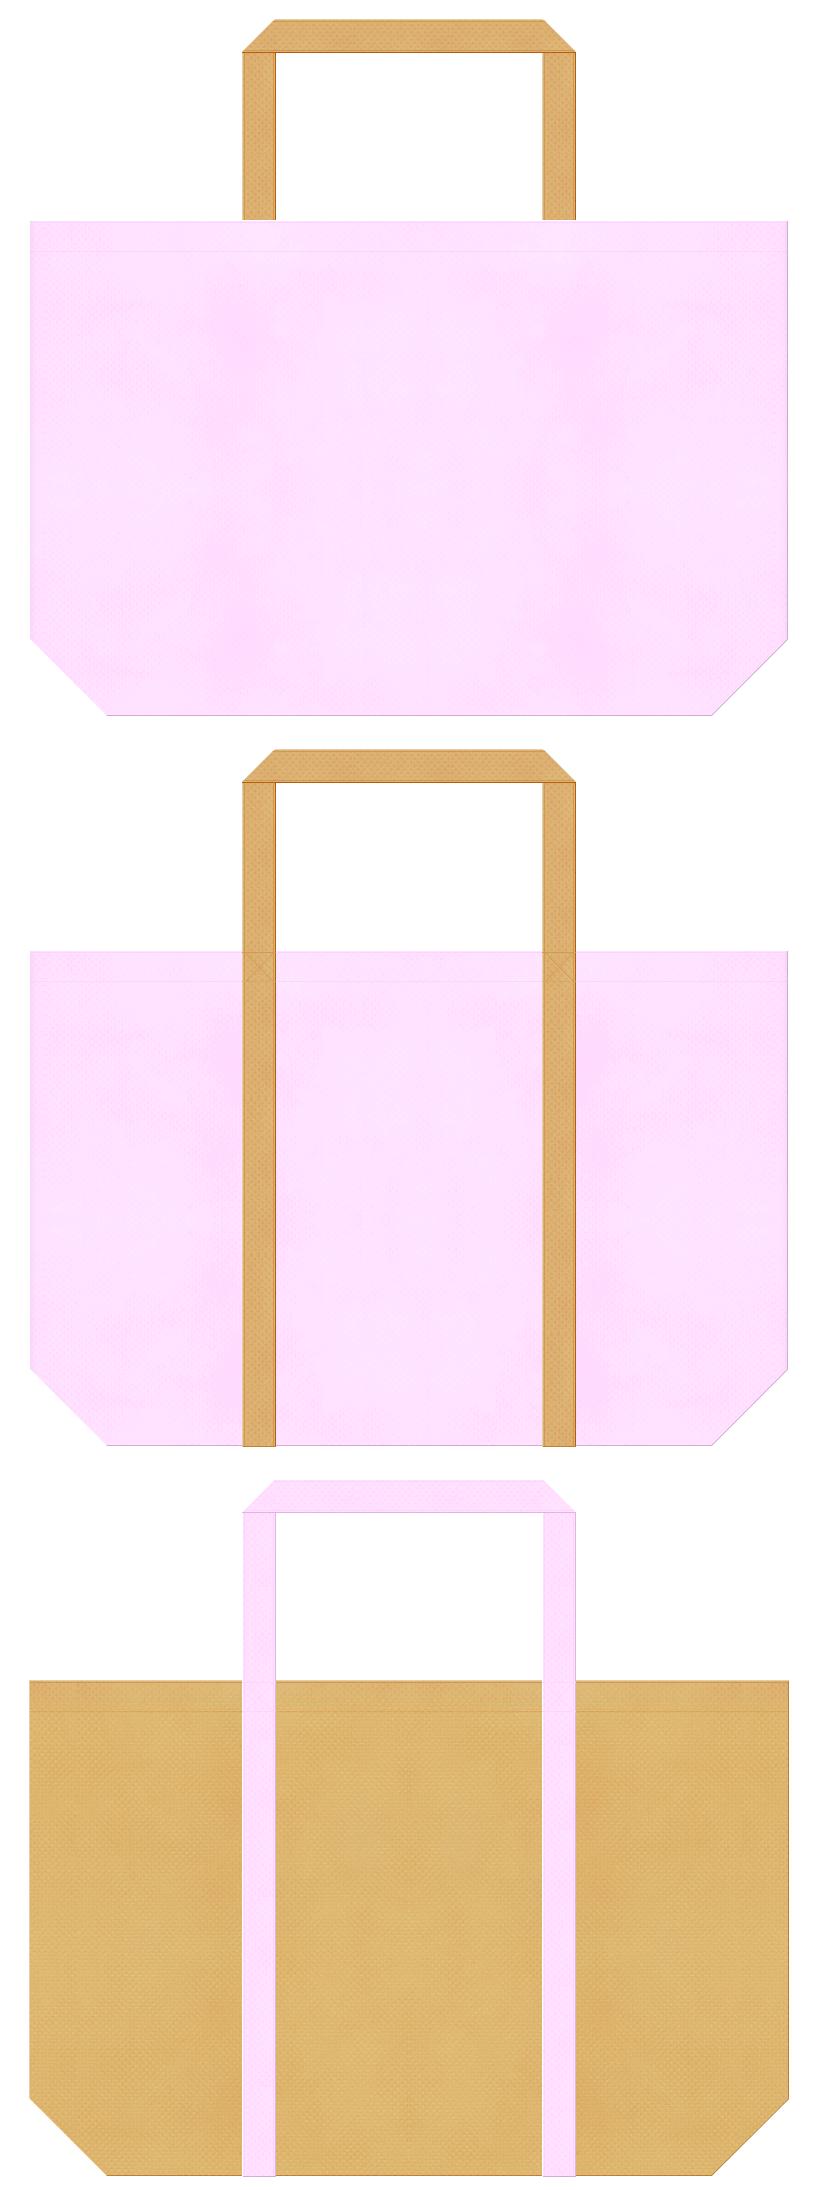 ペットショップ・ペットサロン・ペット用品・ペットフード・アニマルケア・ぬいぐるみ・絵本・おとぎ話・手芸・牧場・木の看板・パステルカラー・ガーリーデザインのショッピングバッグにお奨めの不織布バッグデザイン:パステルピンク色と薄黄土色のコーデ